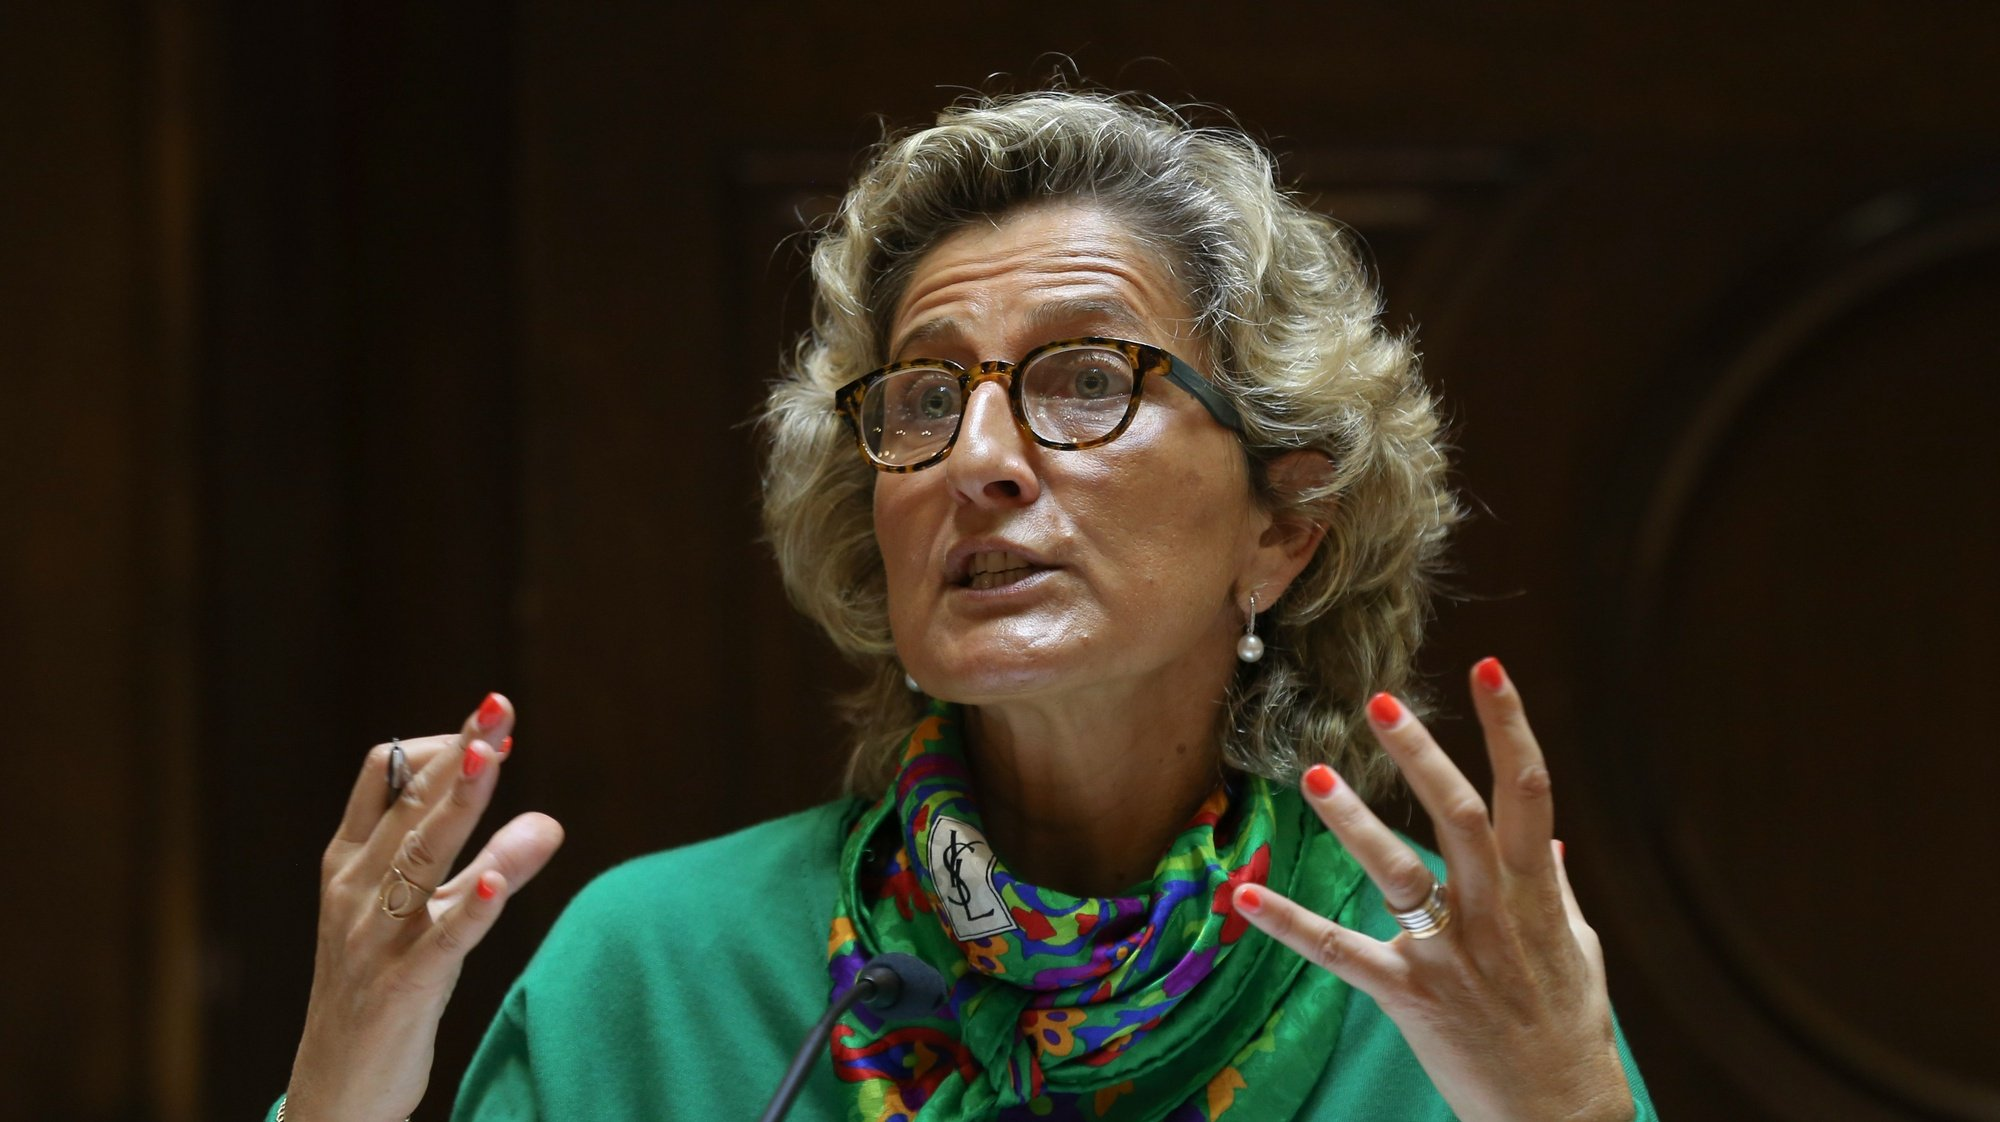 A ministra da Coesão Territorial, Ana Abrunhosa, durante a audição na Comissão de Administração Pública, Modernização Administrativa, Descentralização e Poder Local da Assembleia da República, Lisboa,13 de abril de 2021.     MANUEL DE ALMEIDA/LUSA